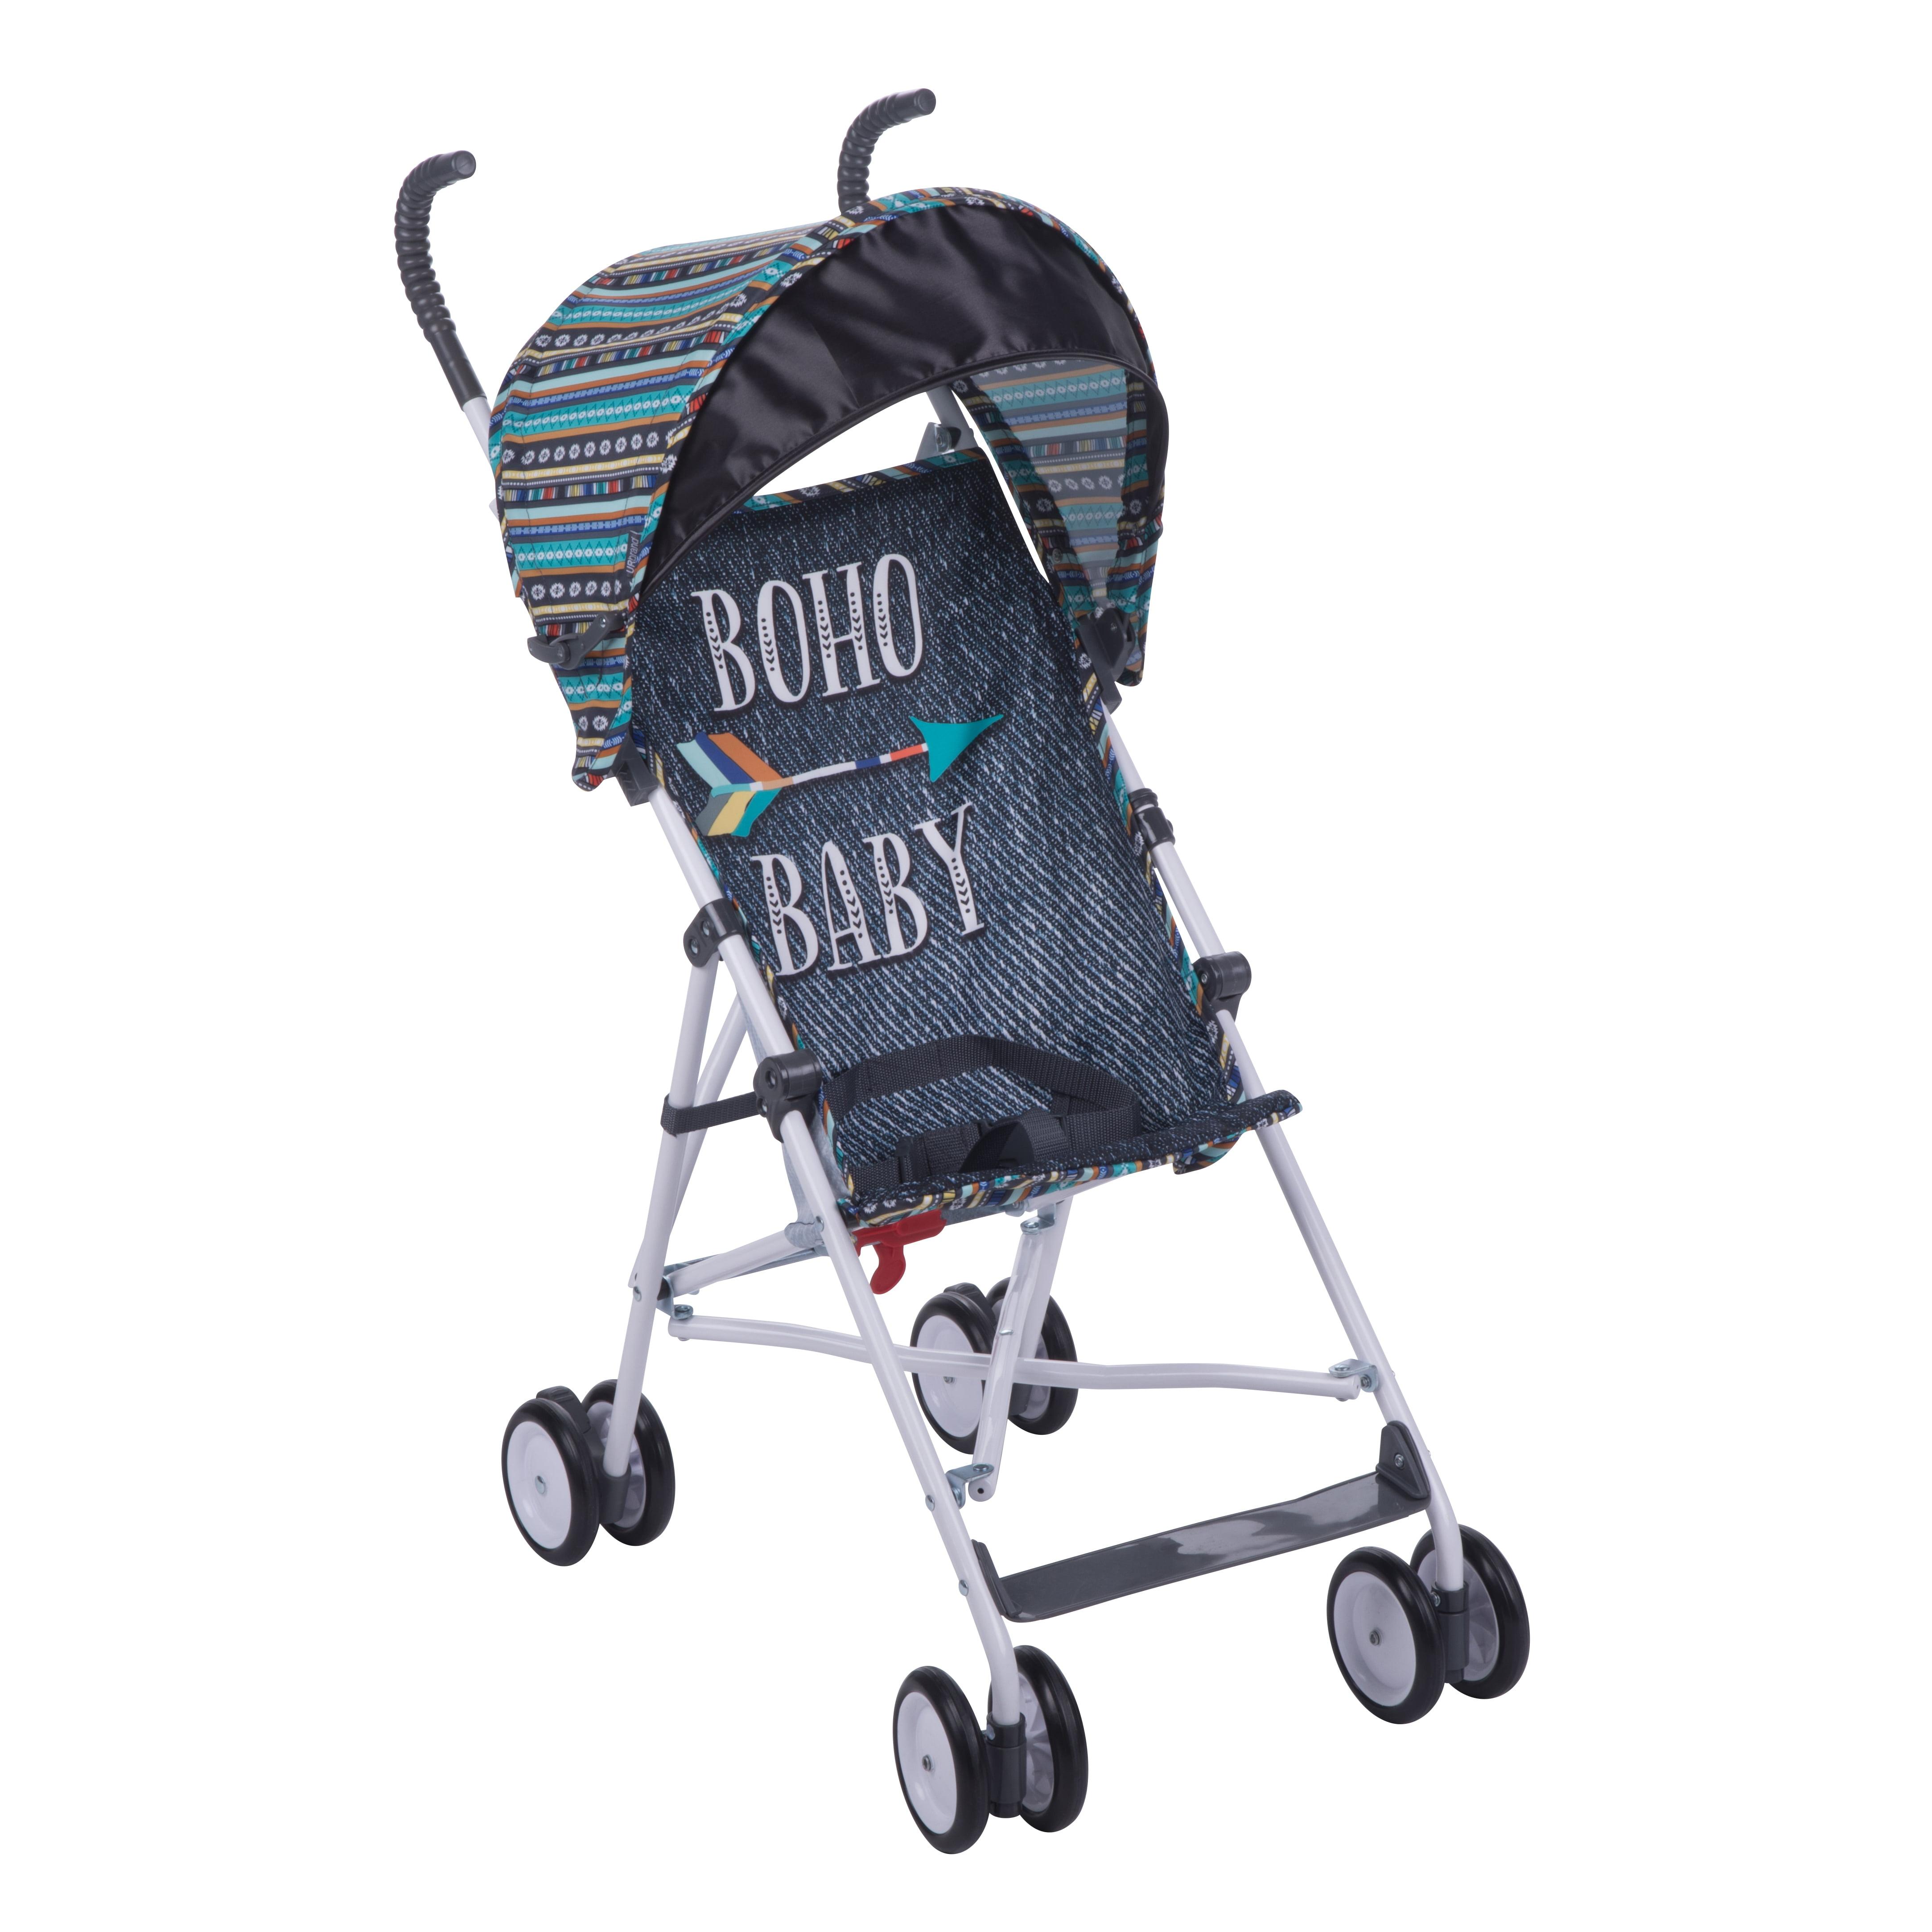 Babideal Attitude Umbrella Stroller, Boho